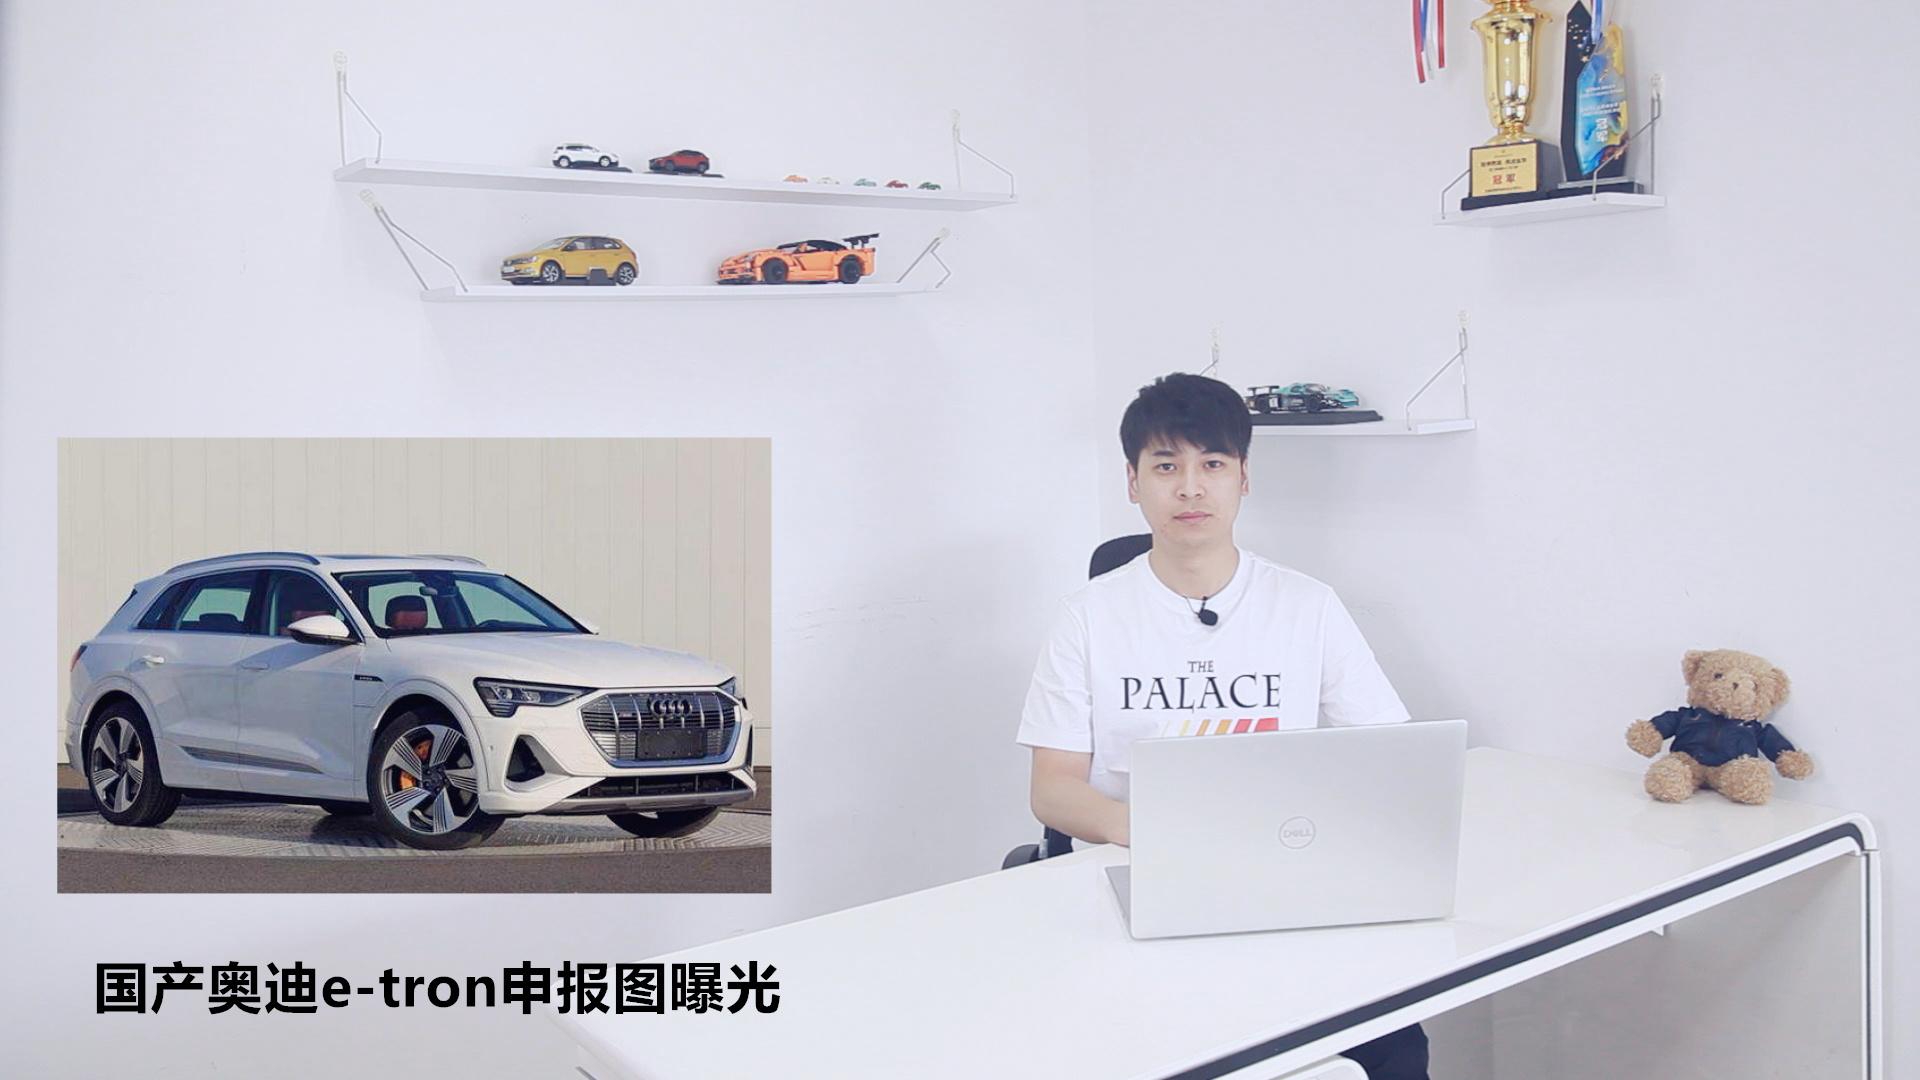 国产奥迪e-tron申报图曝光